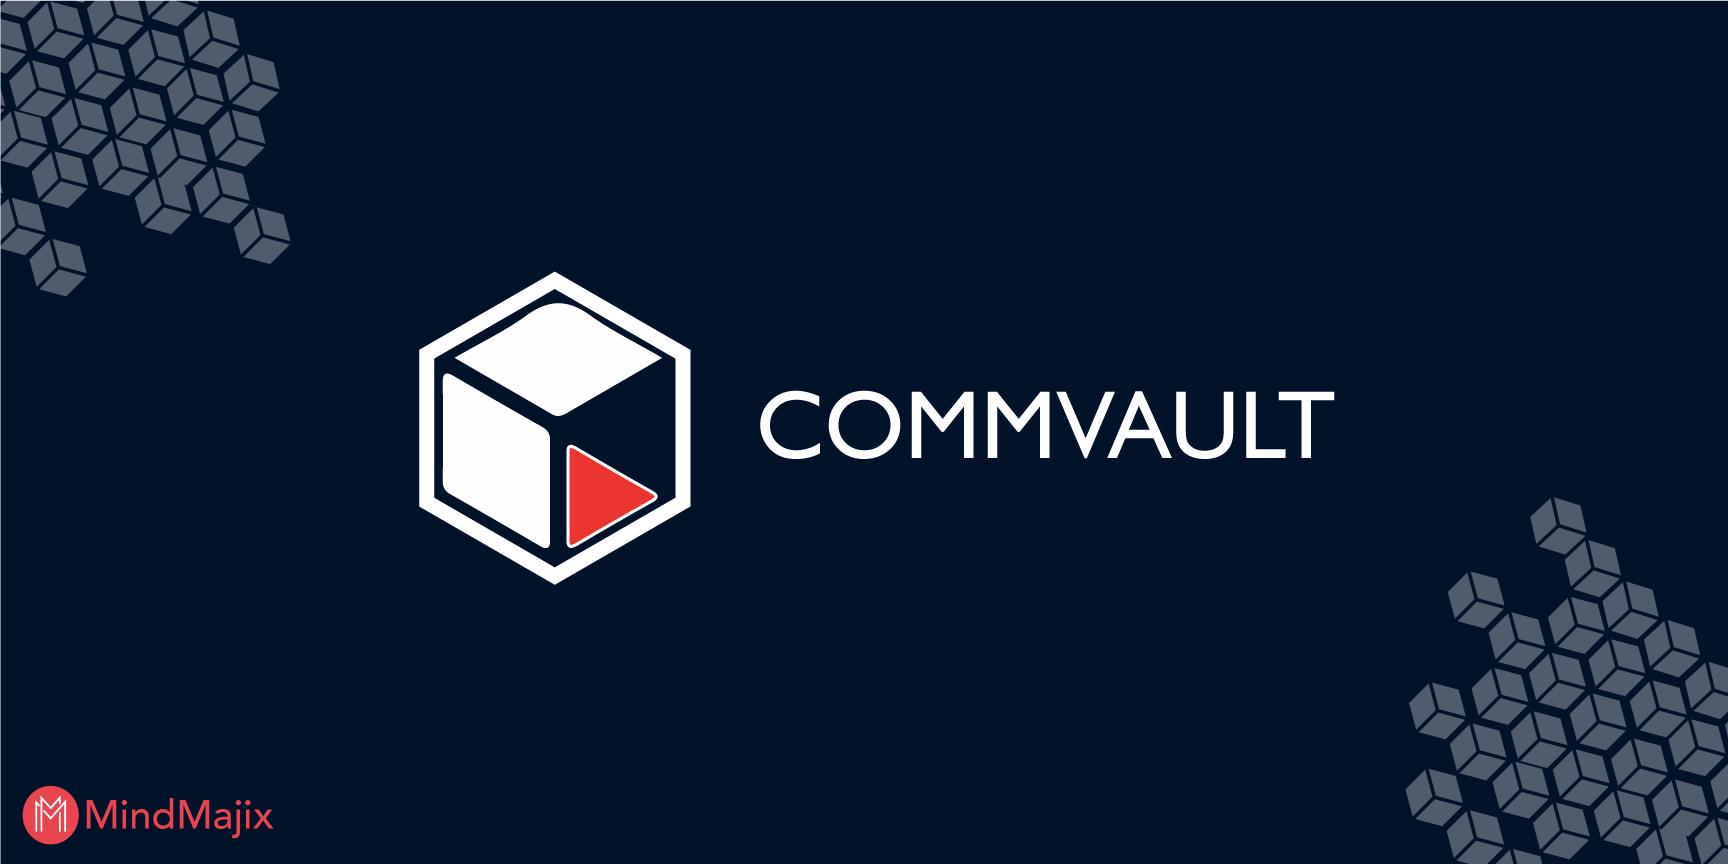 commVault-tutorial